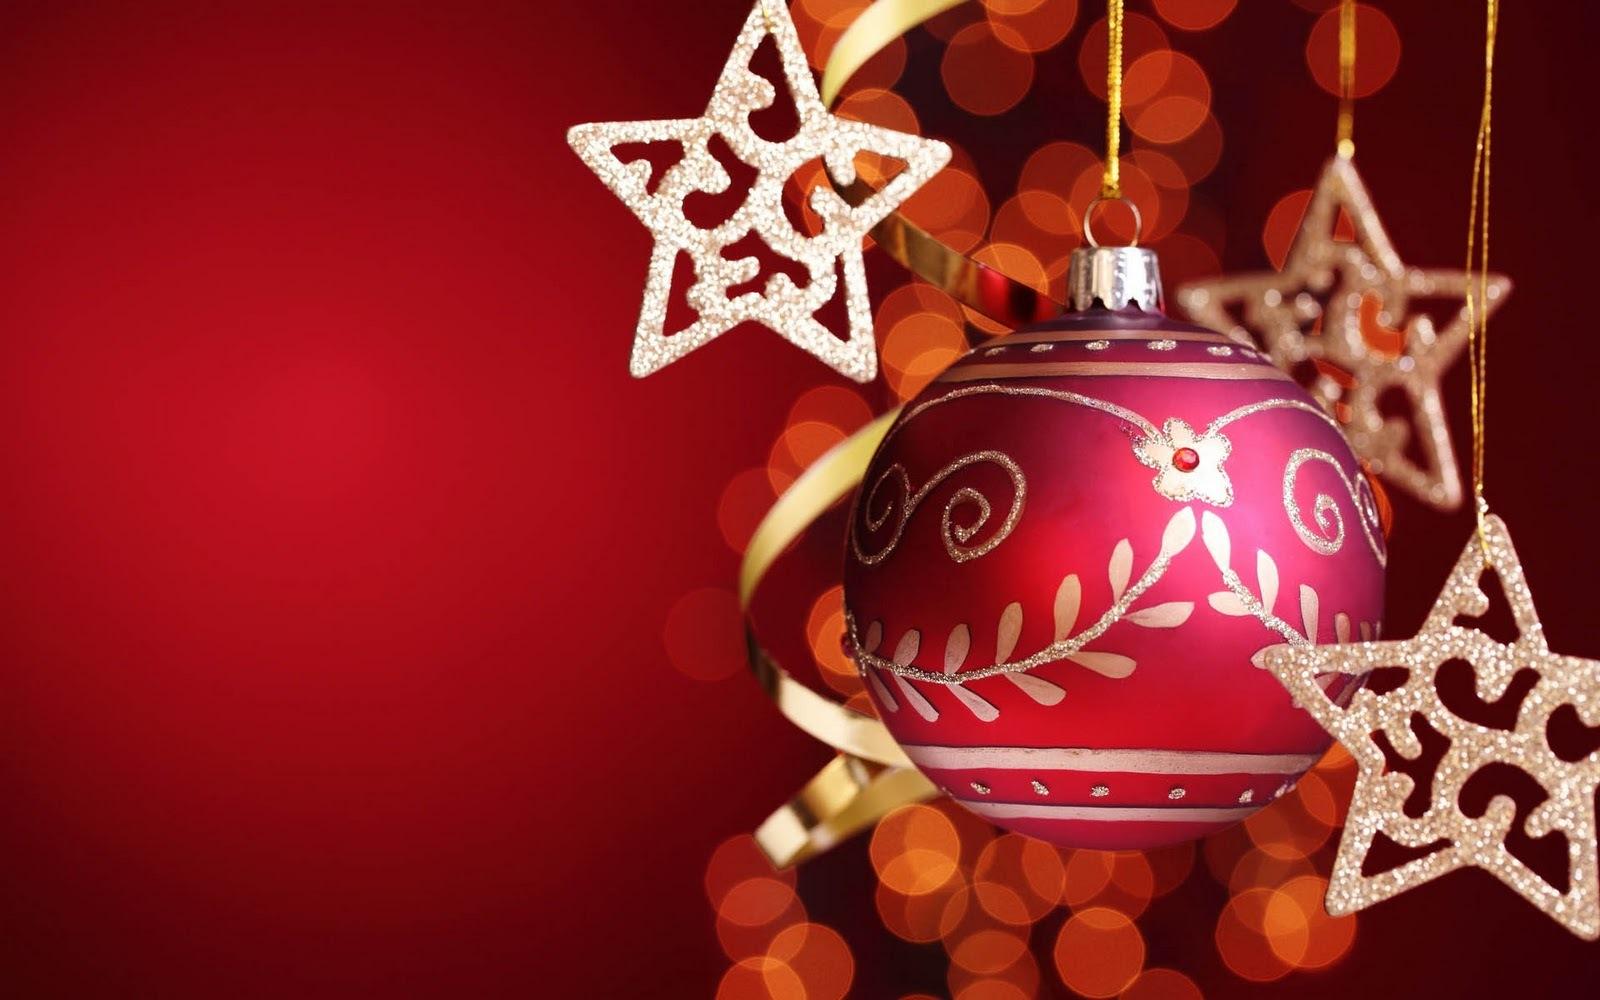 Descarga gratuita de fondo de pantalla para móvil de Año Nuevo, Vacaciones.